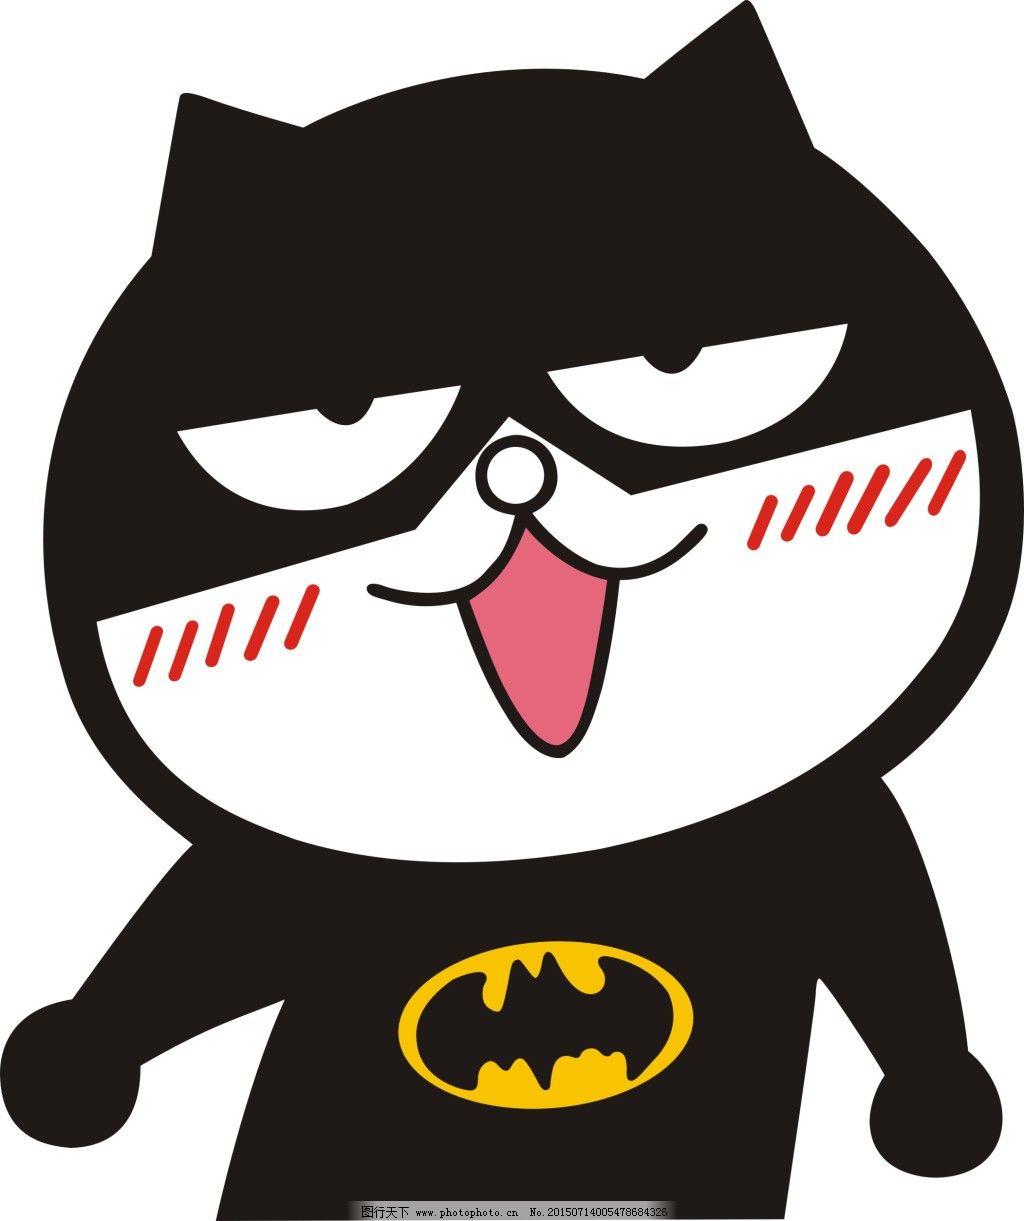 搞怪免费下载 qq表情 搞怪 广告设计 矢量图 qq表情 蒙面猫 搞怪 矢